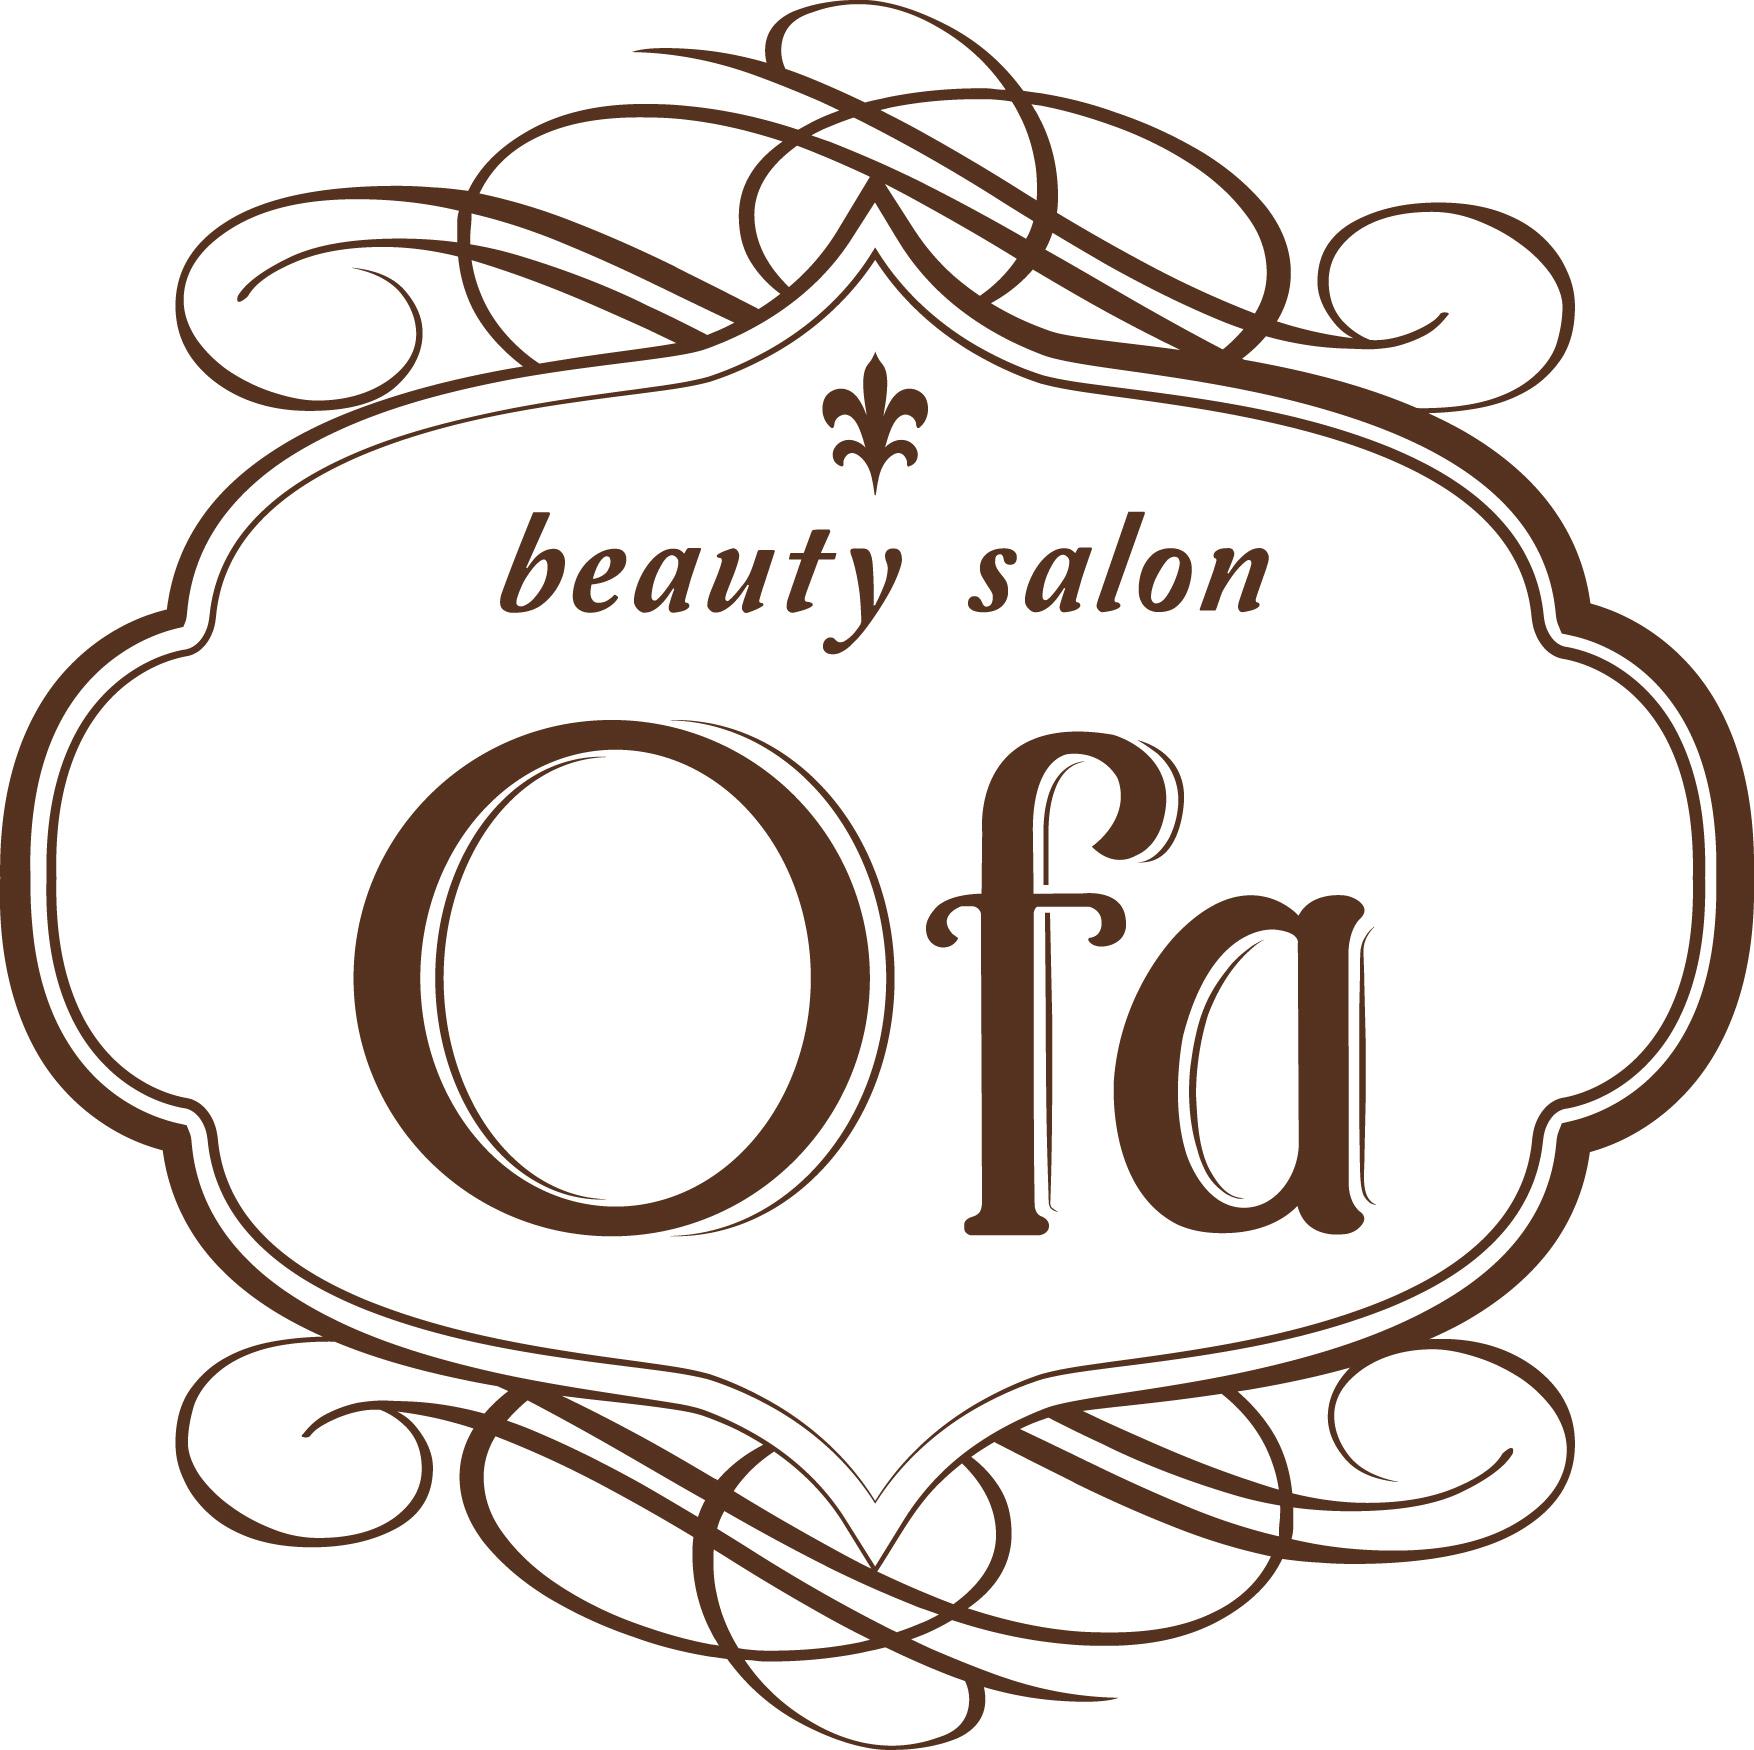 髪質改善専門店premium ofa(オーファ)|カラー・縮毛矯正・トリートメントが人気の葛飾区金町・亀有・松戸の美容院